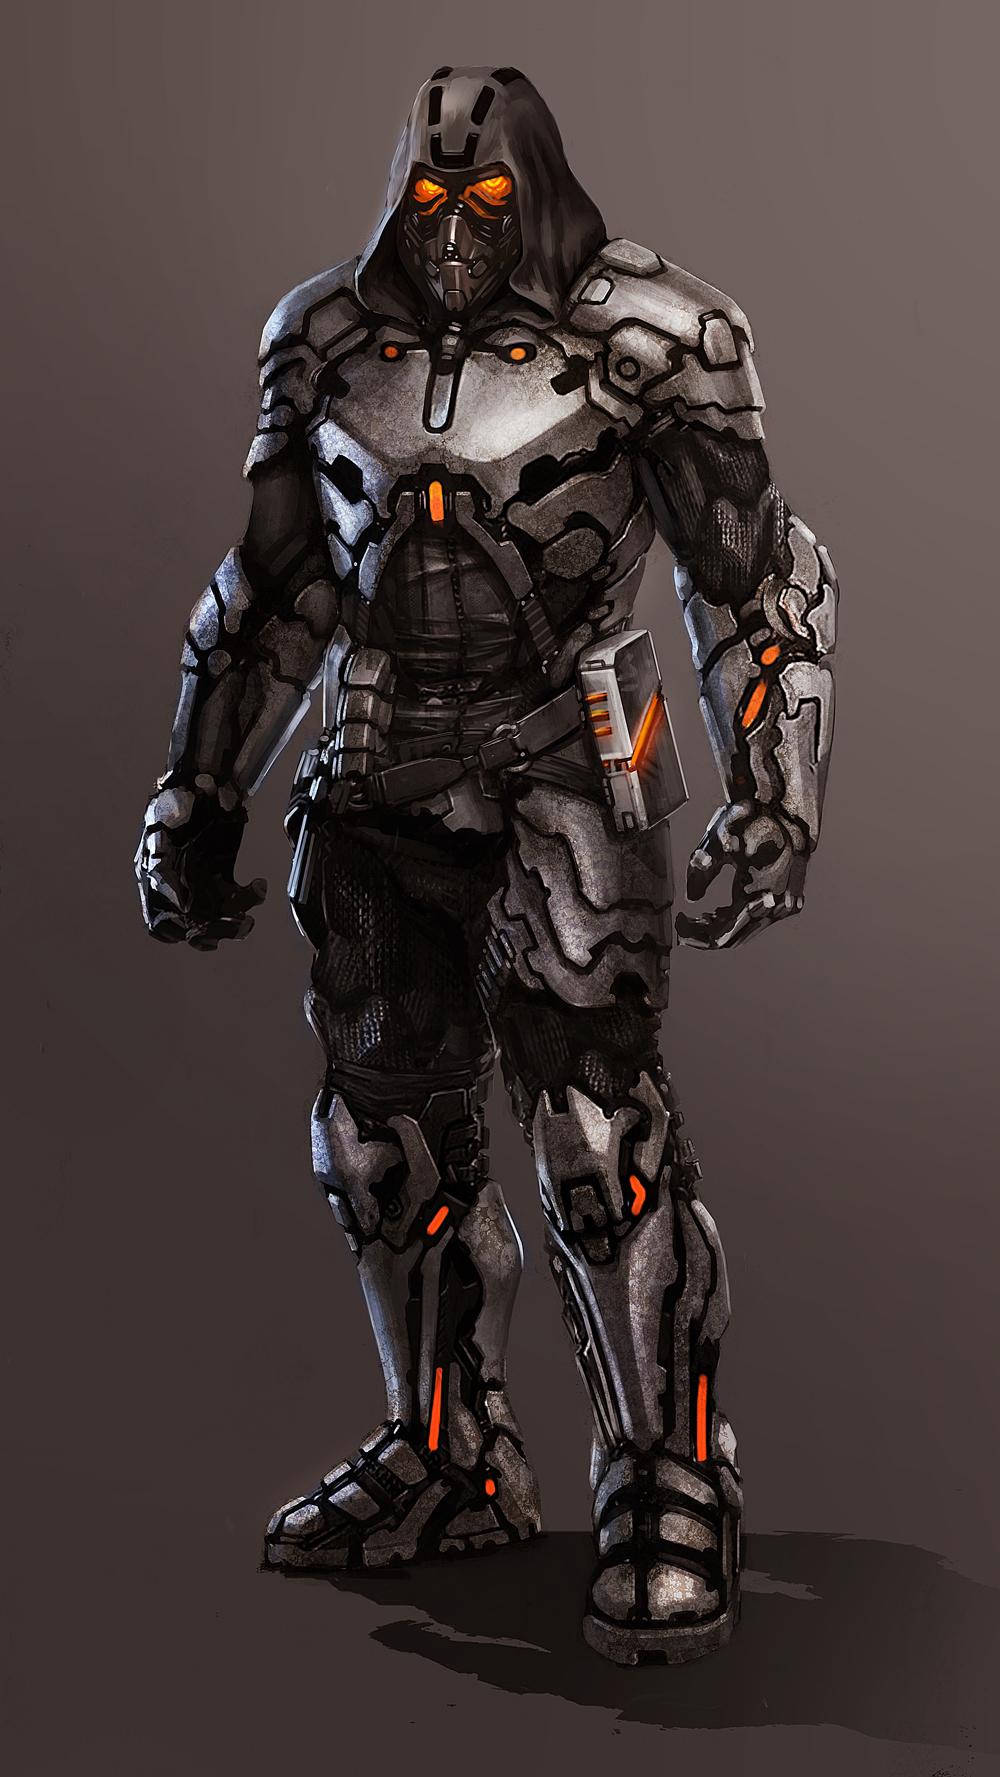 [Faction] War Dog - Gestion Af_enemy_trooper_fina4qfr6